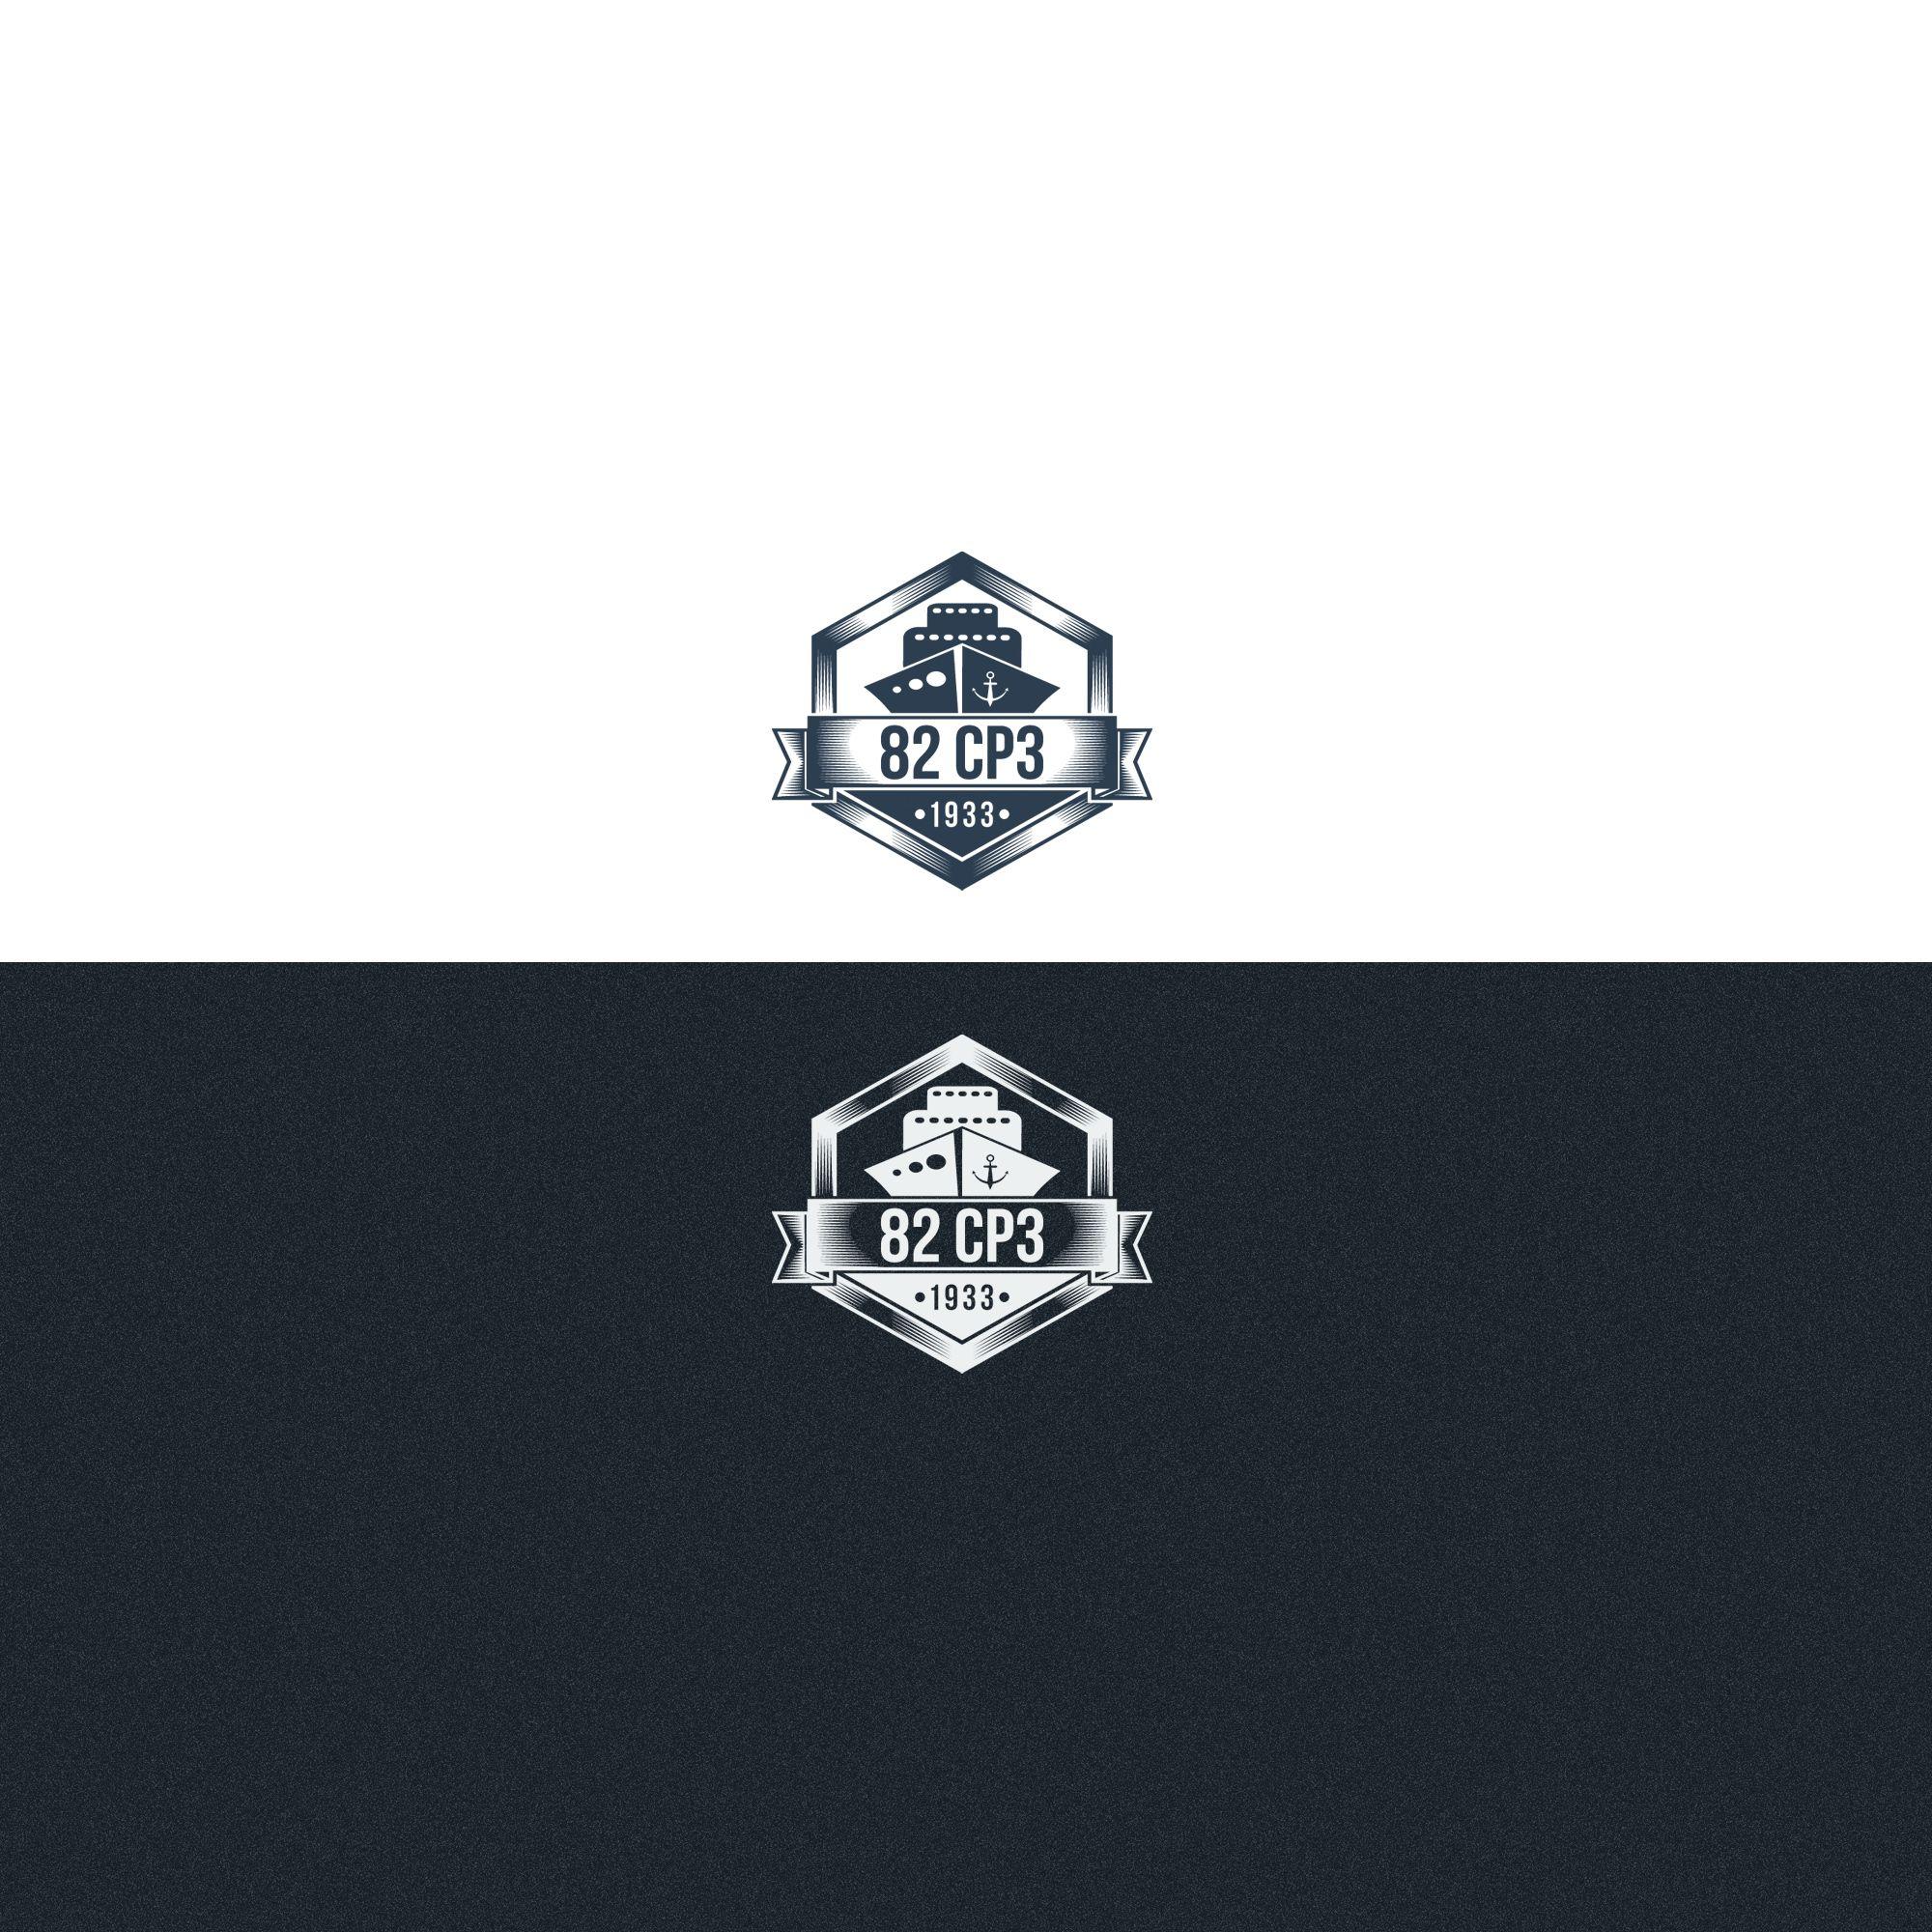 Логотип для судоремонтного завода - дизайнер Gas-Min